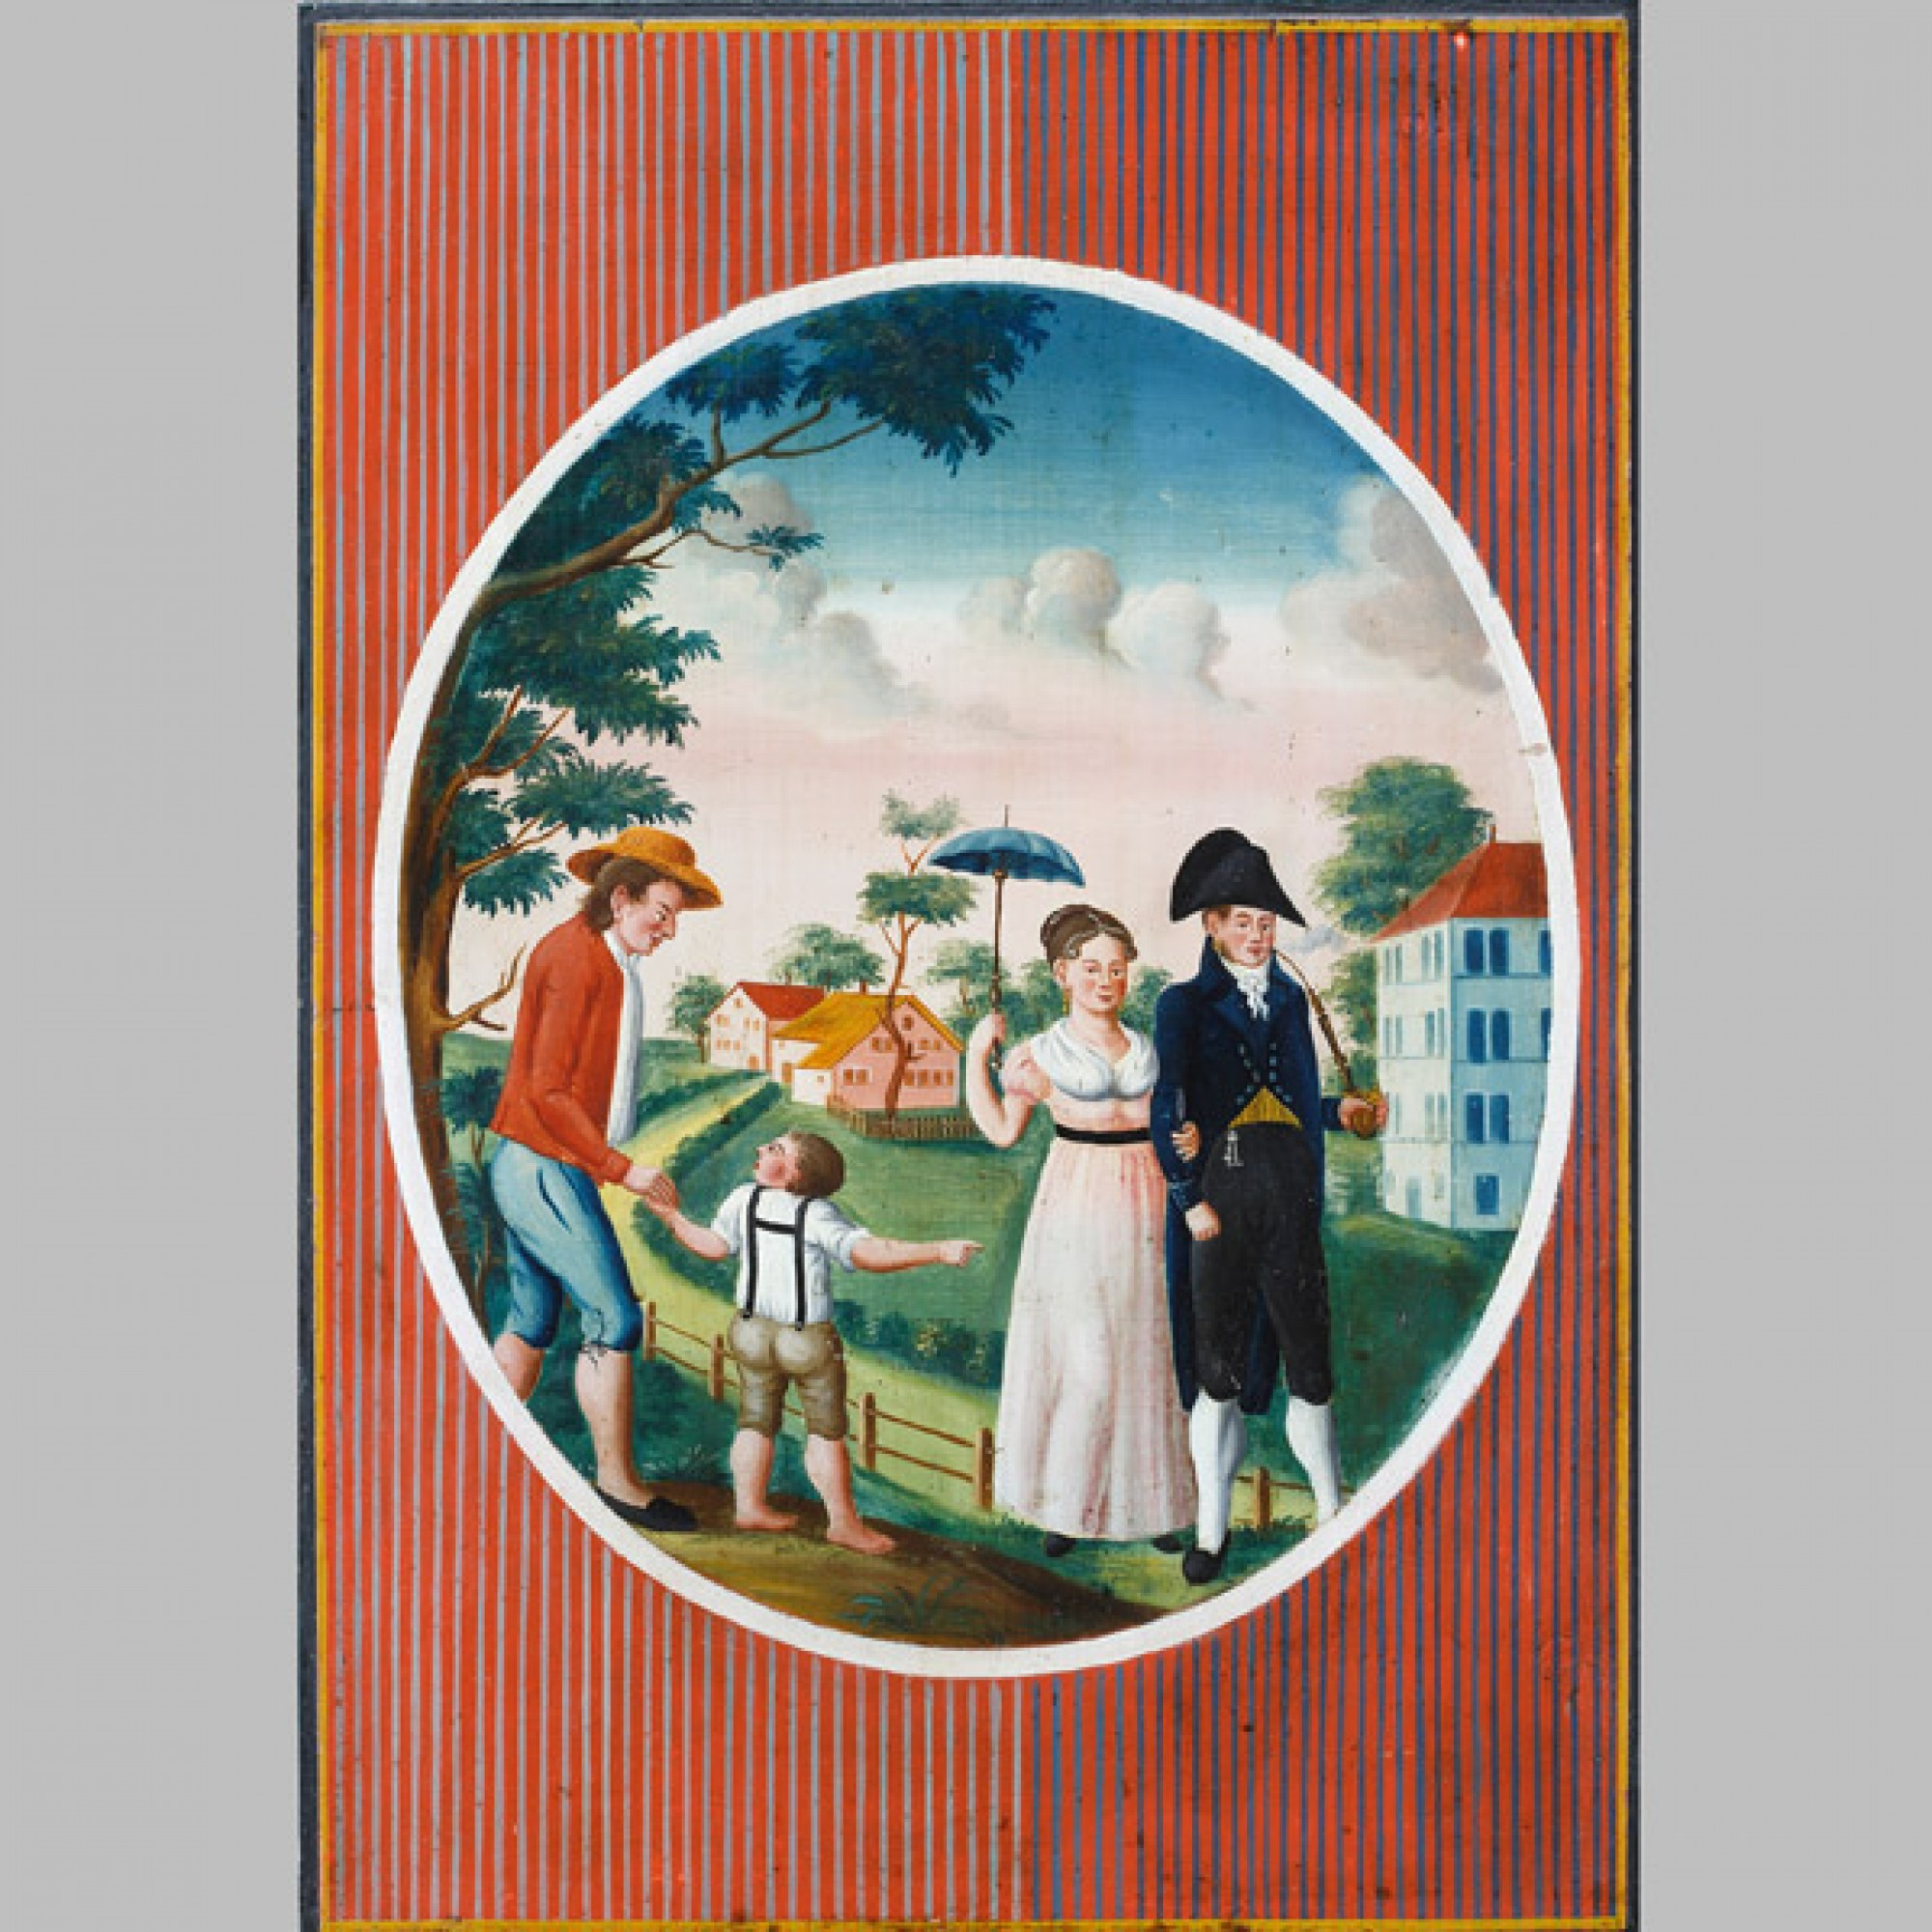 Kasten, um 1820 Gehört dem Hs. Conrad Bodenmann und Elsbetha Bodenmann, Detail. (Stefan Rohner)